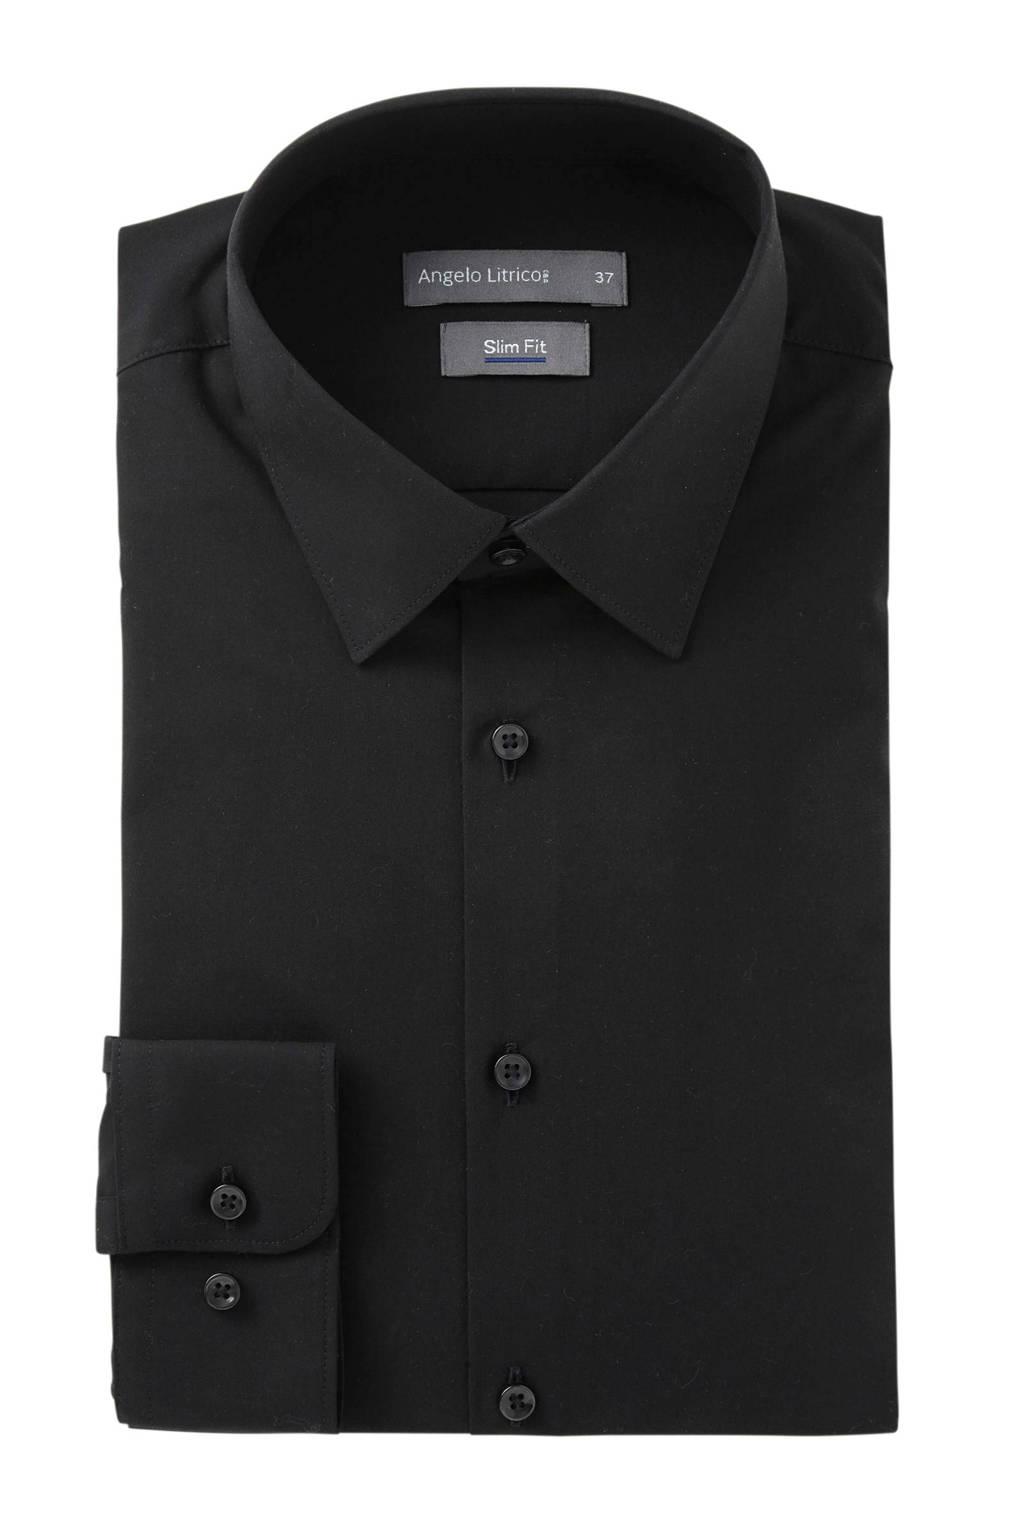 C&A Angelo Litrico slim fit overhemd zwart, Zwart